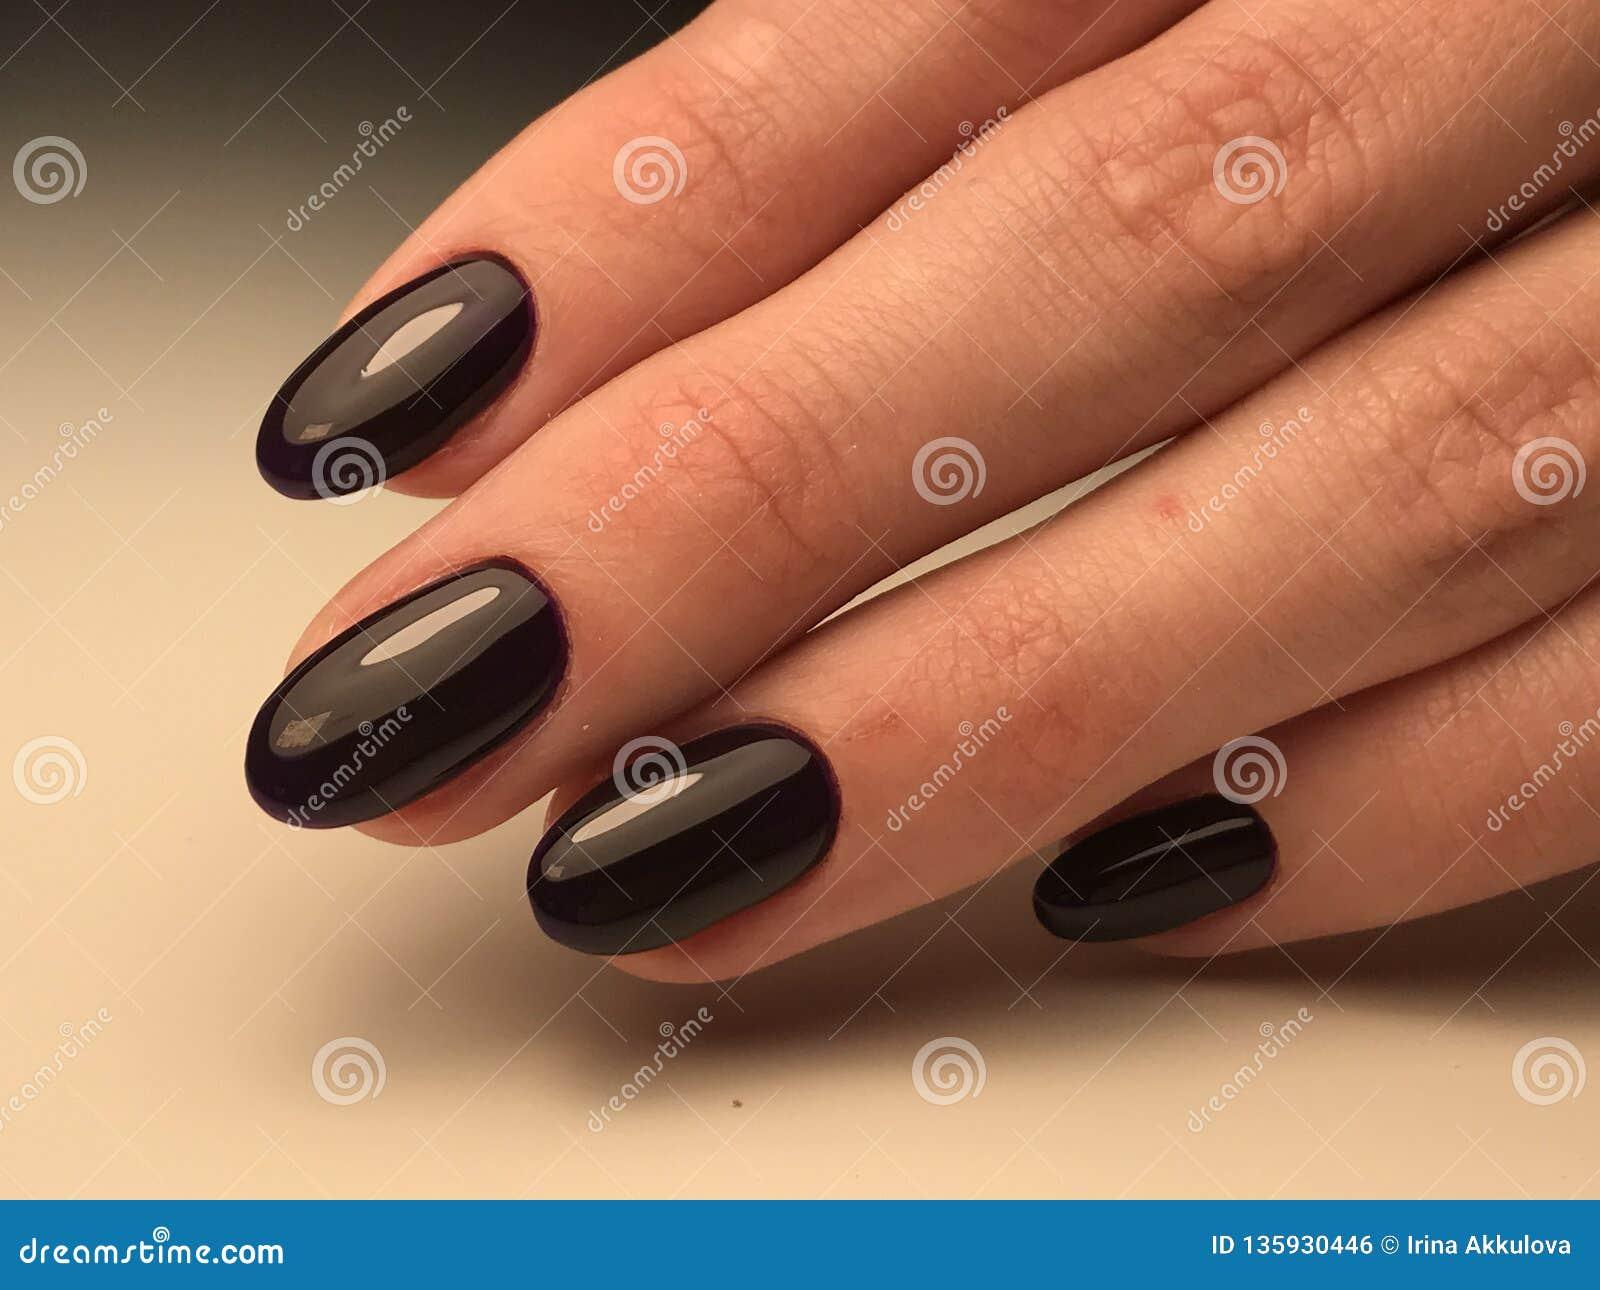 Black cat nails stock photo  Image of minimalism, christmas